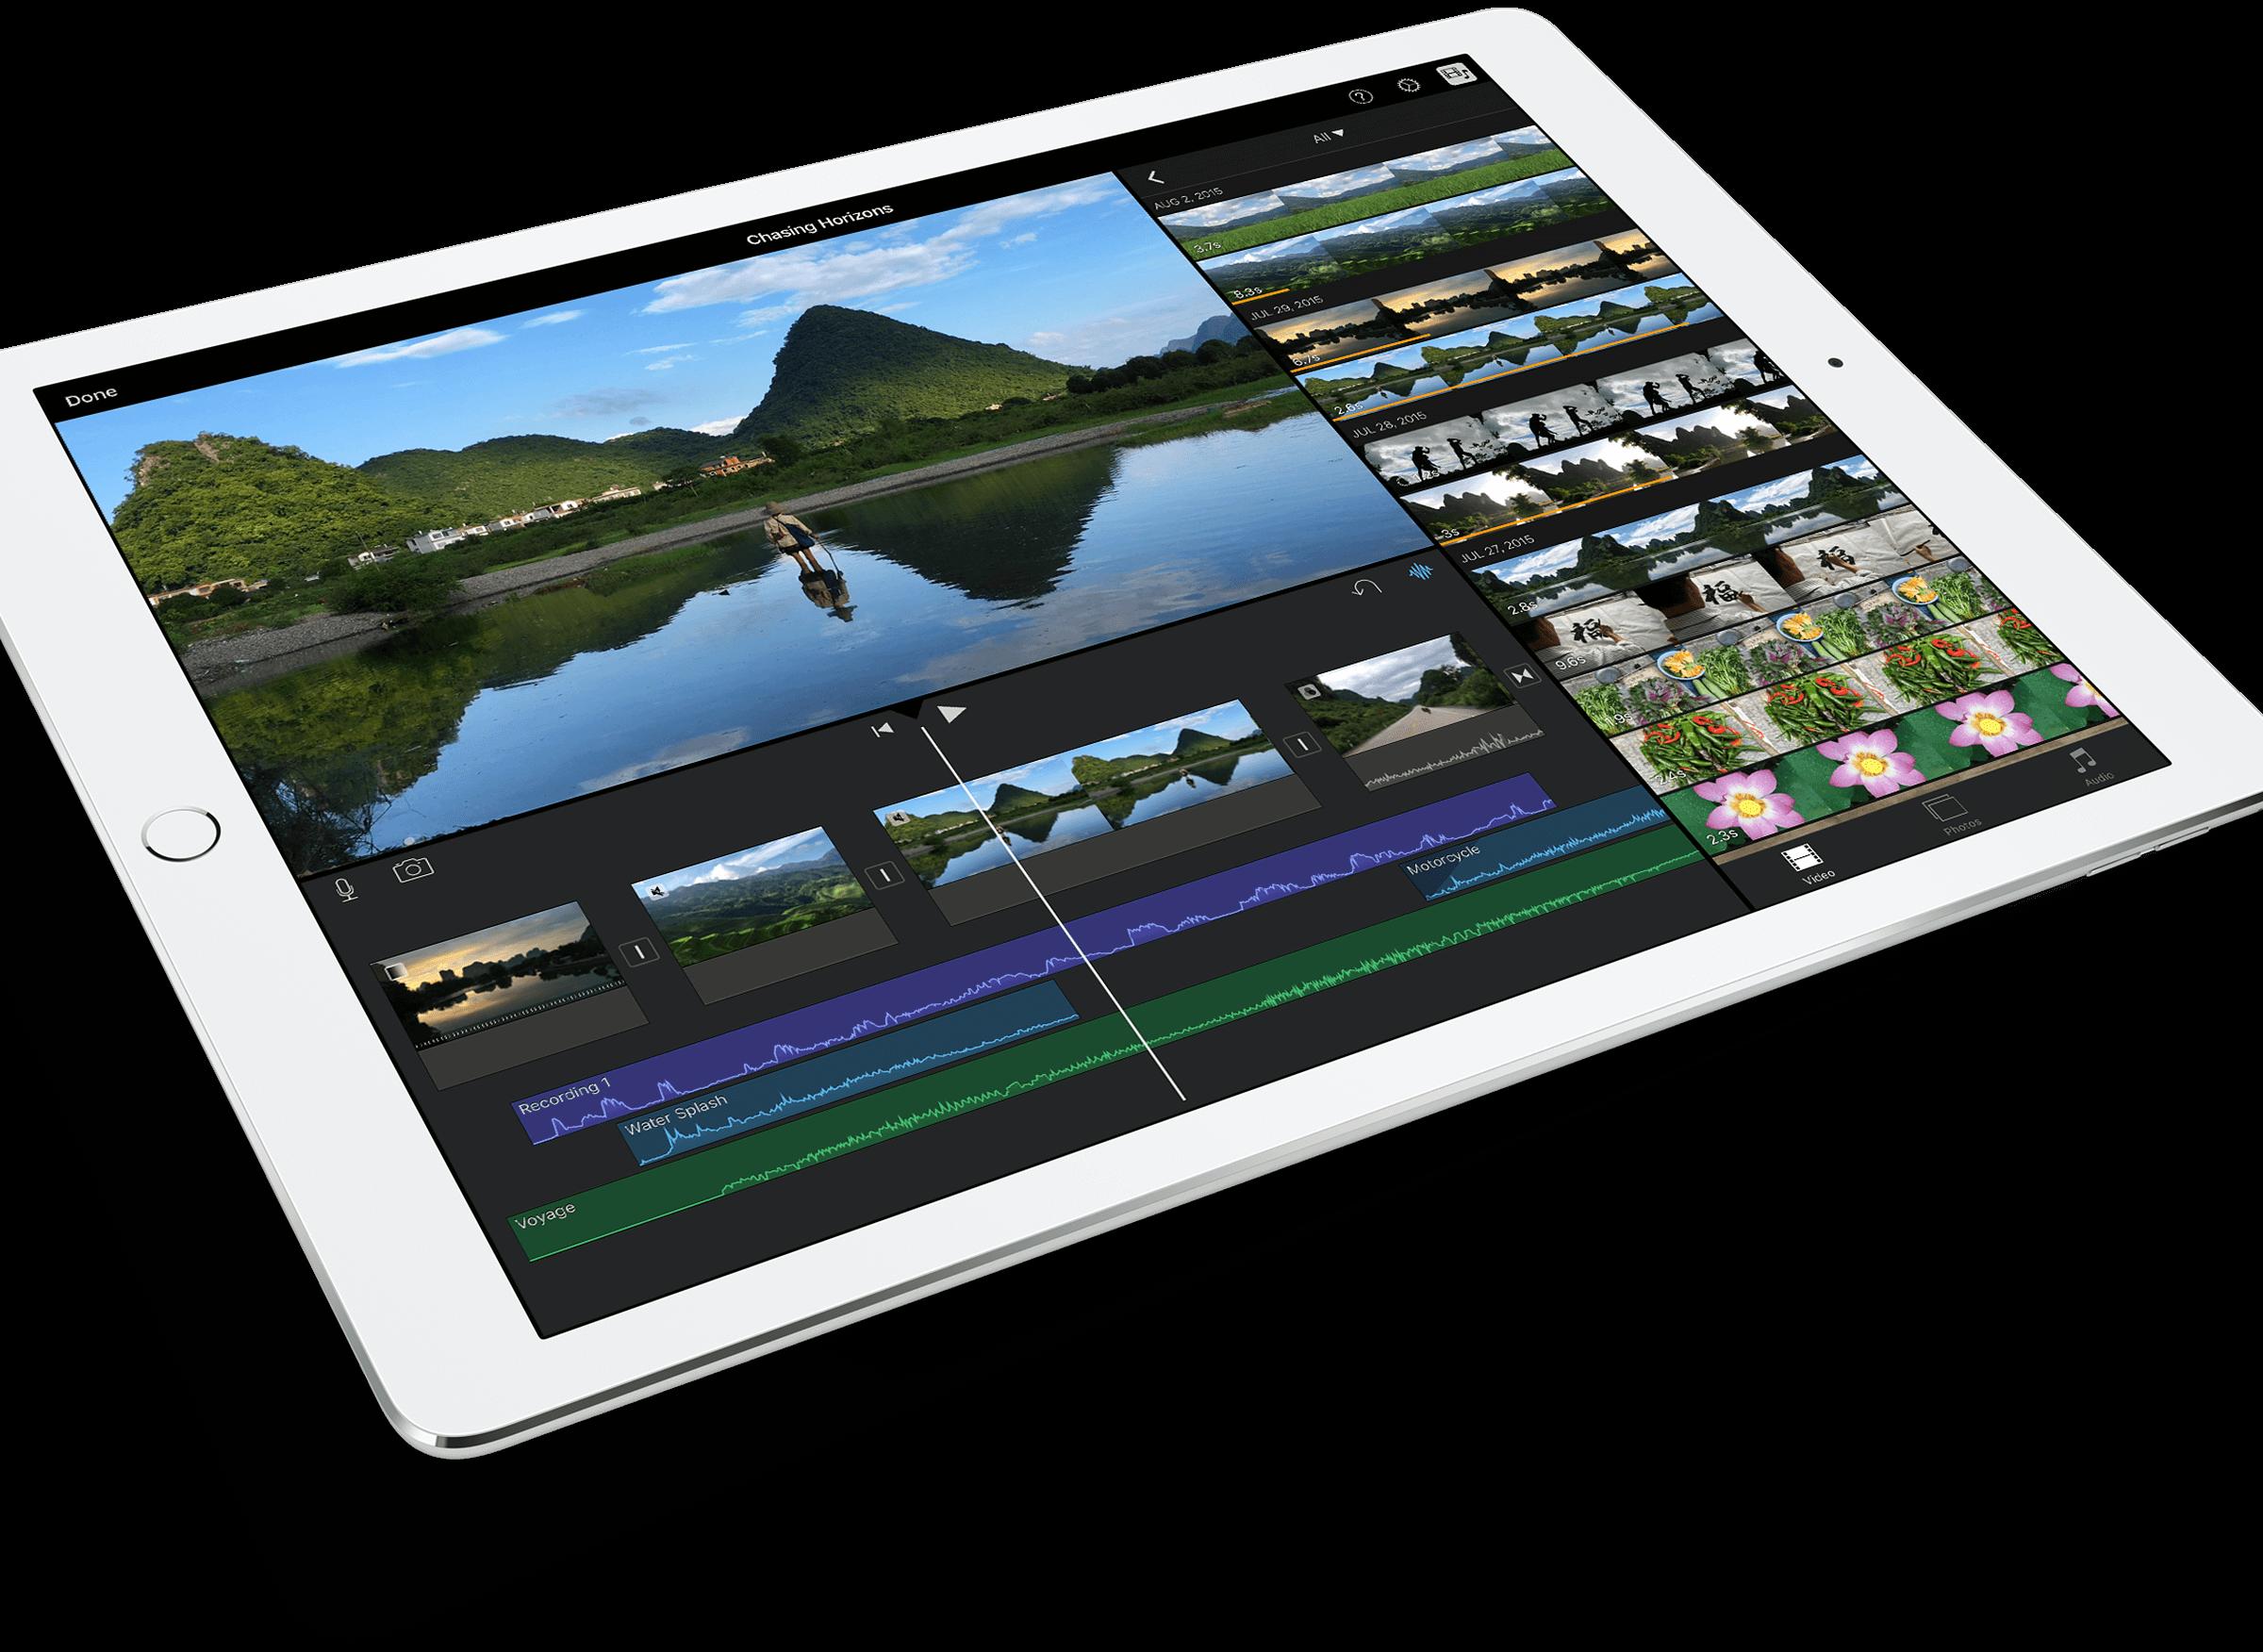 iPad-alkalmazások